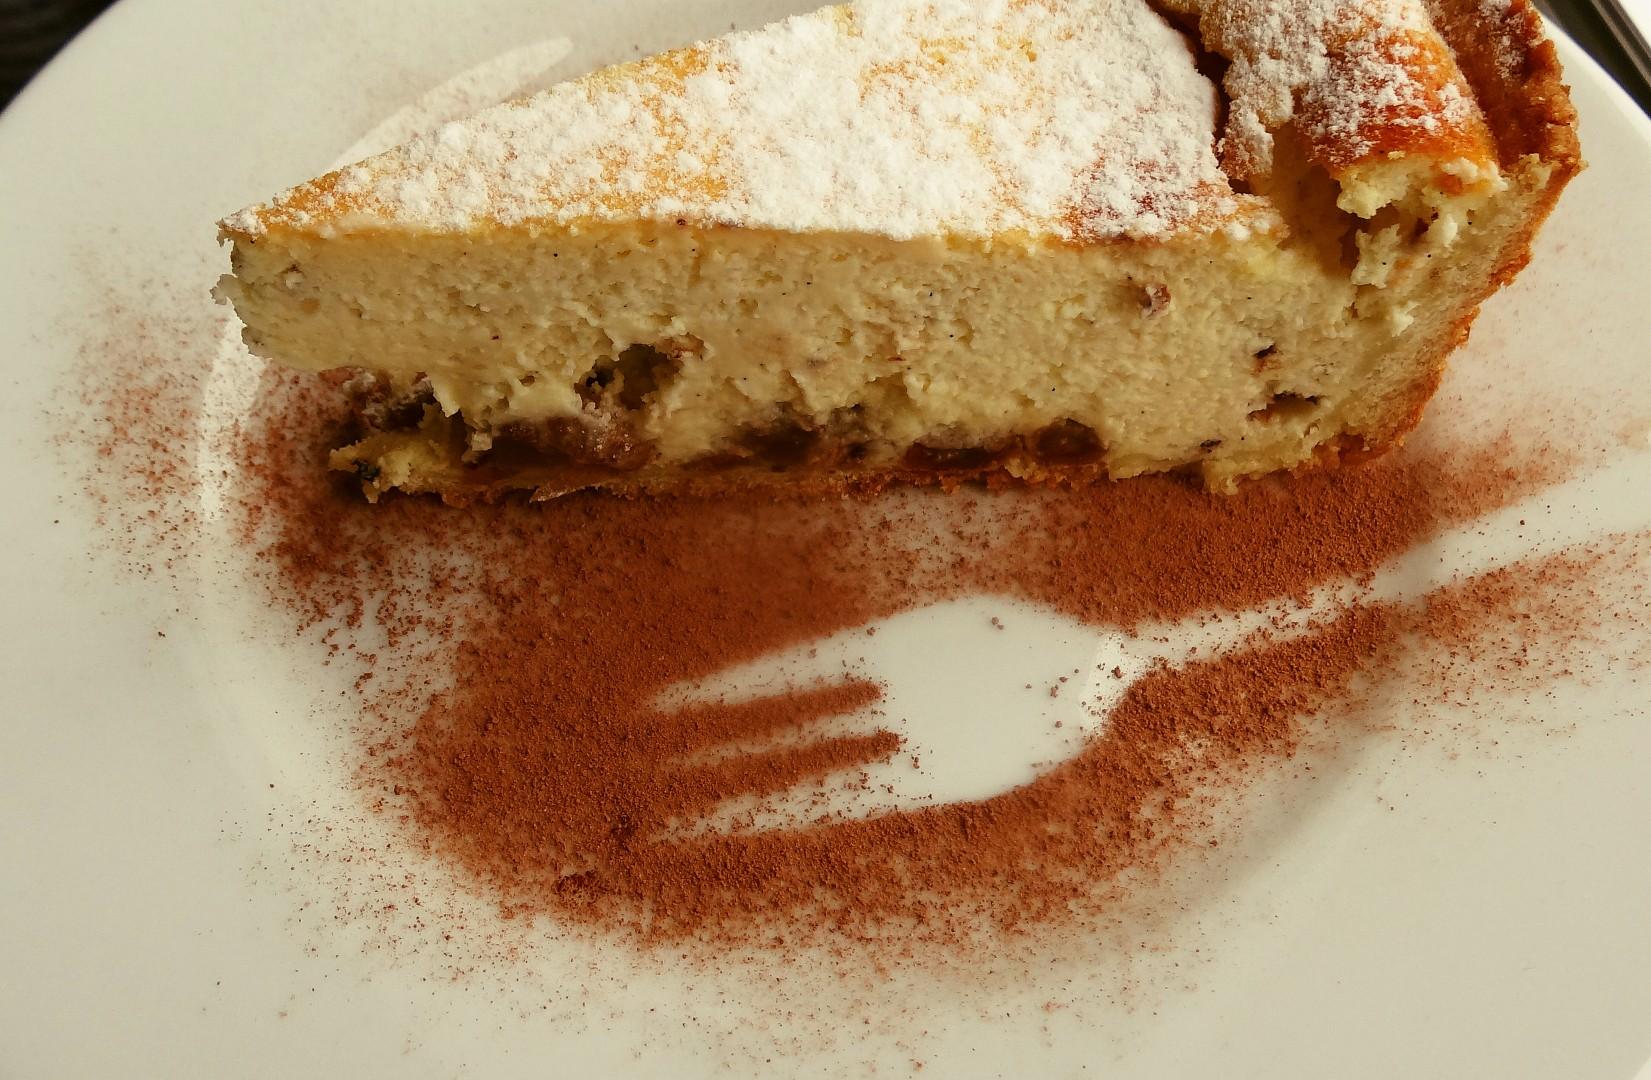 Käsekuchen - pravý německý tvarohový koláč